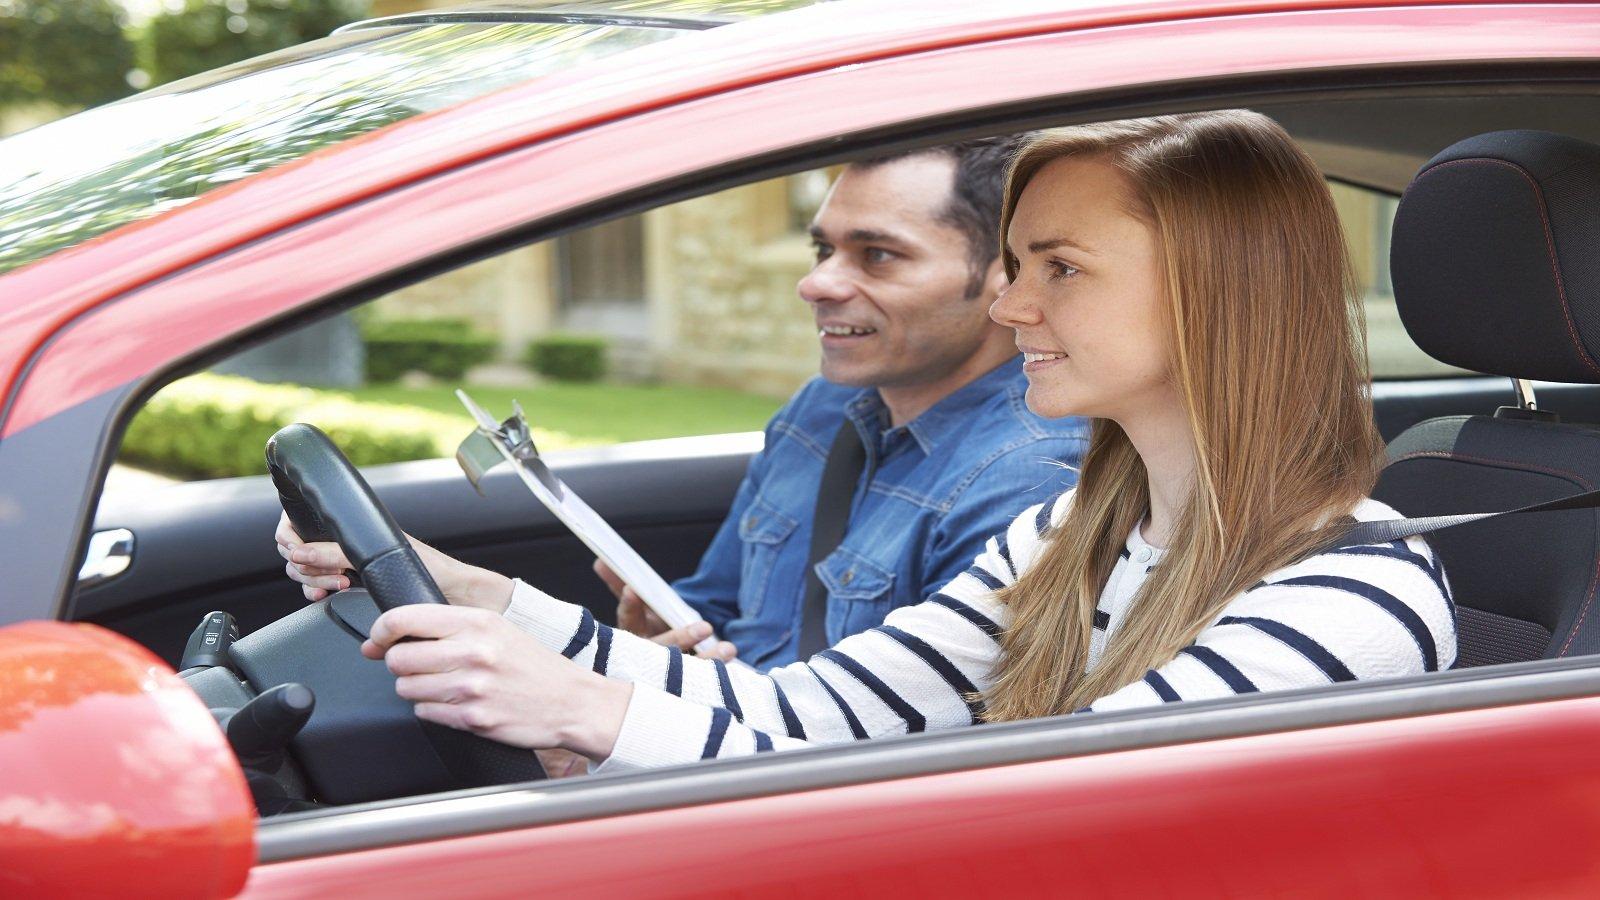 una ragazza e un signore con in mano un rilevo di scrittura in macchina